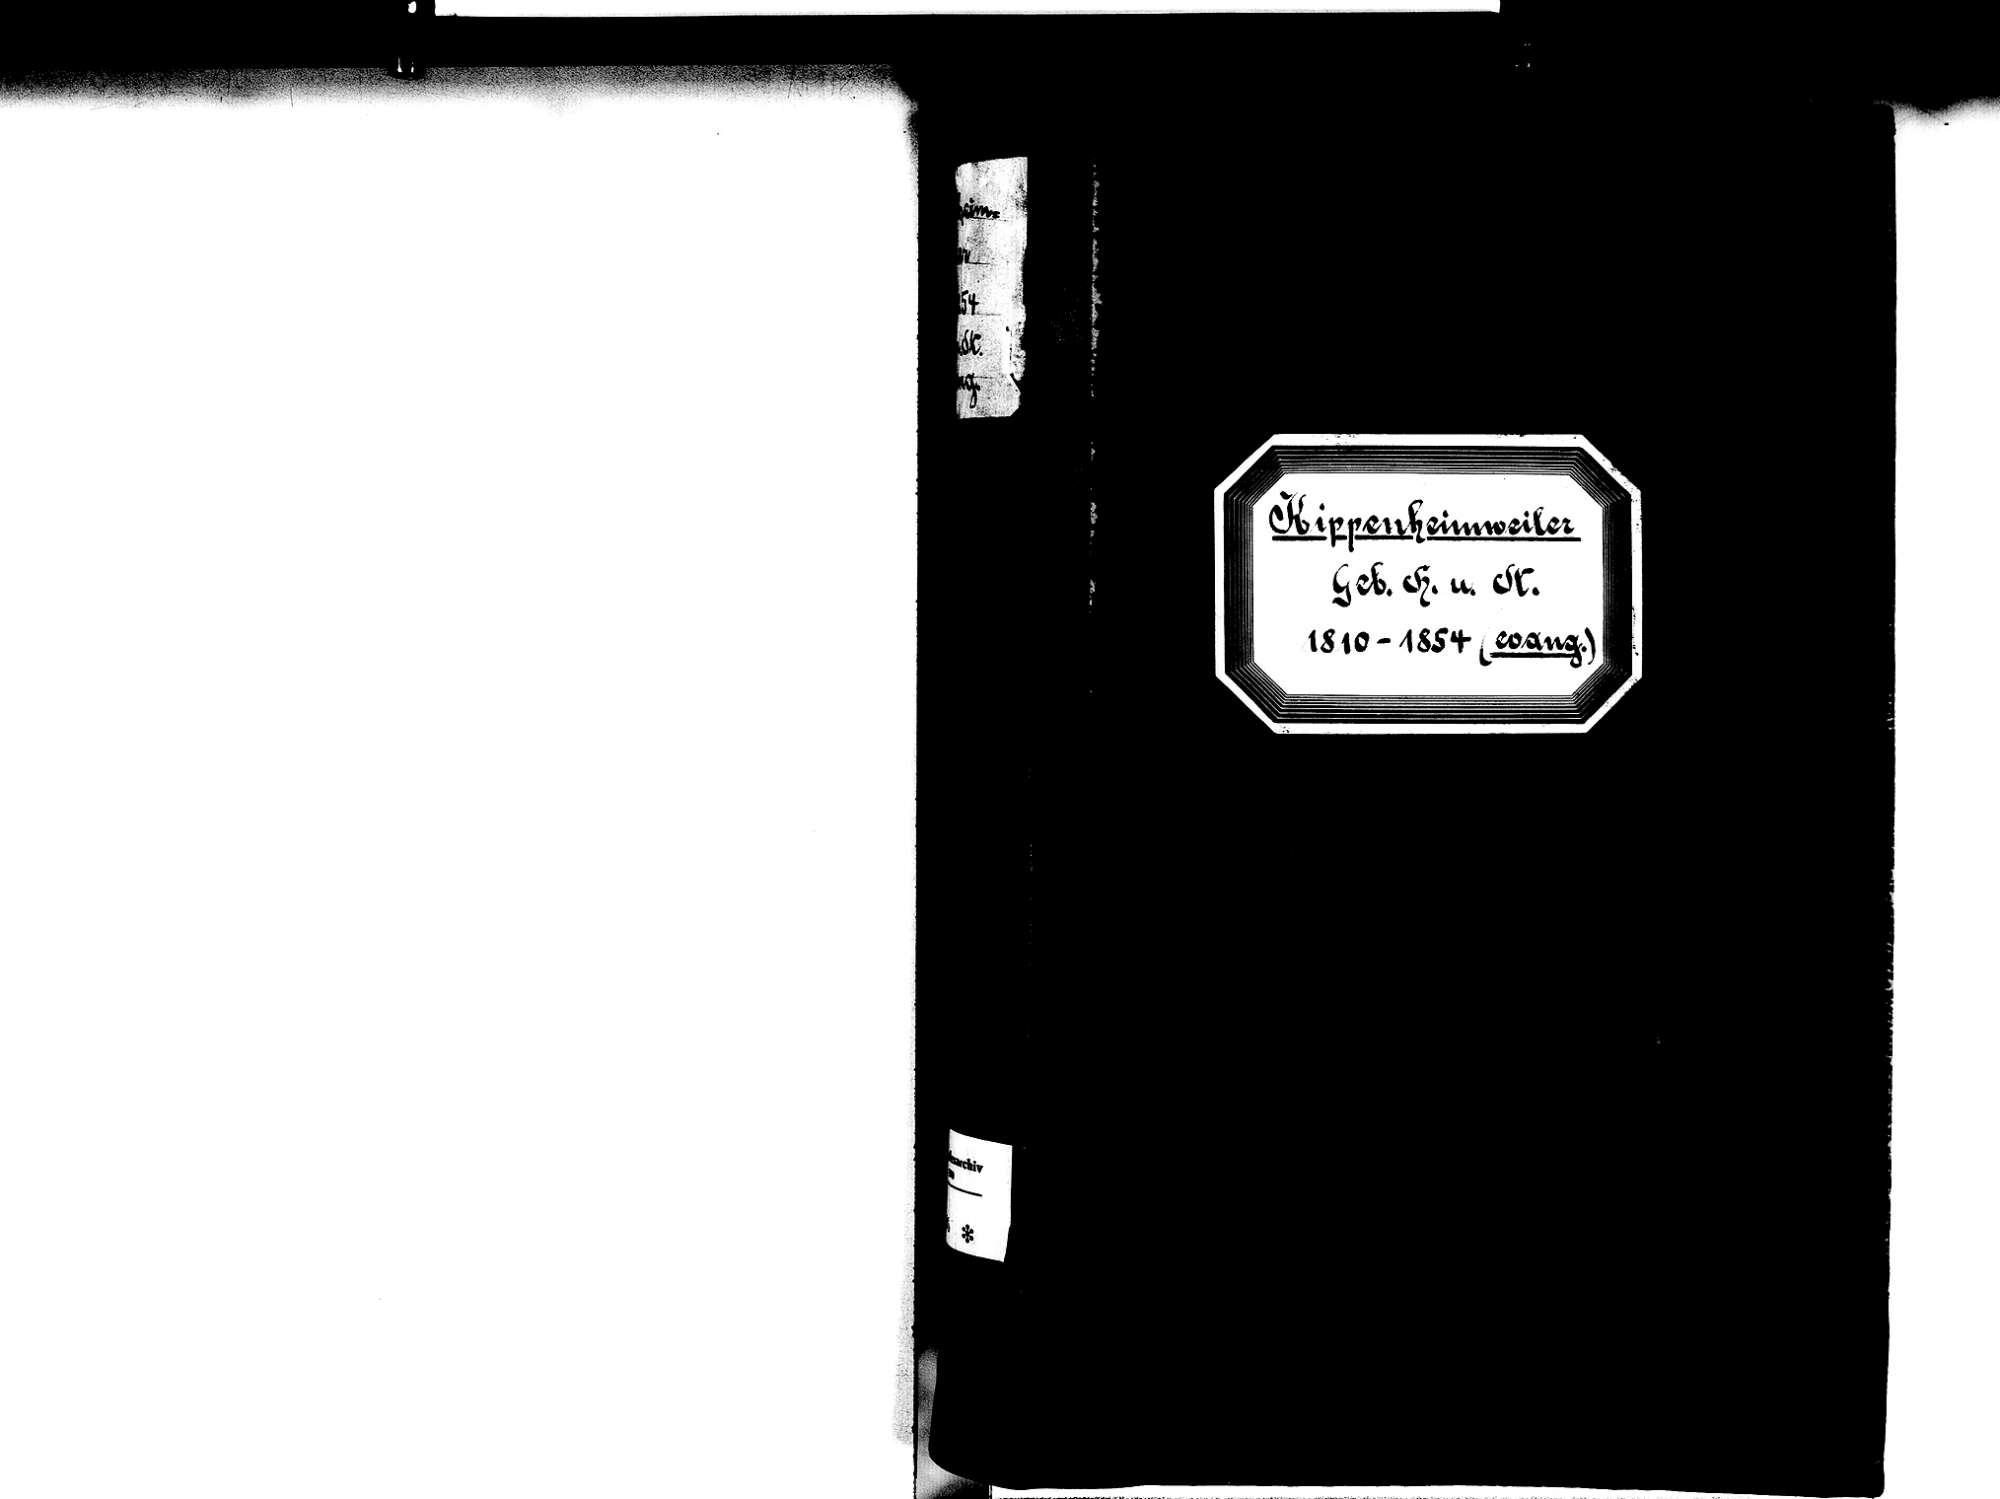 Kippenheimweiler, Lahr im Schwarzwald OG; Evangelische Gemeinde: Standesbuch 1810-1854, Bild 2